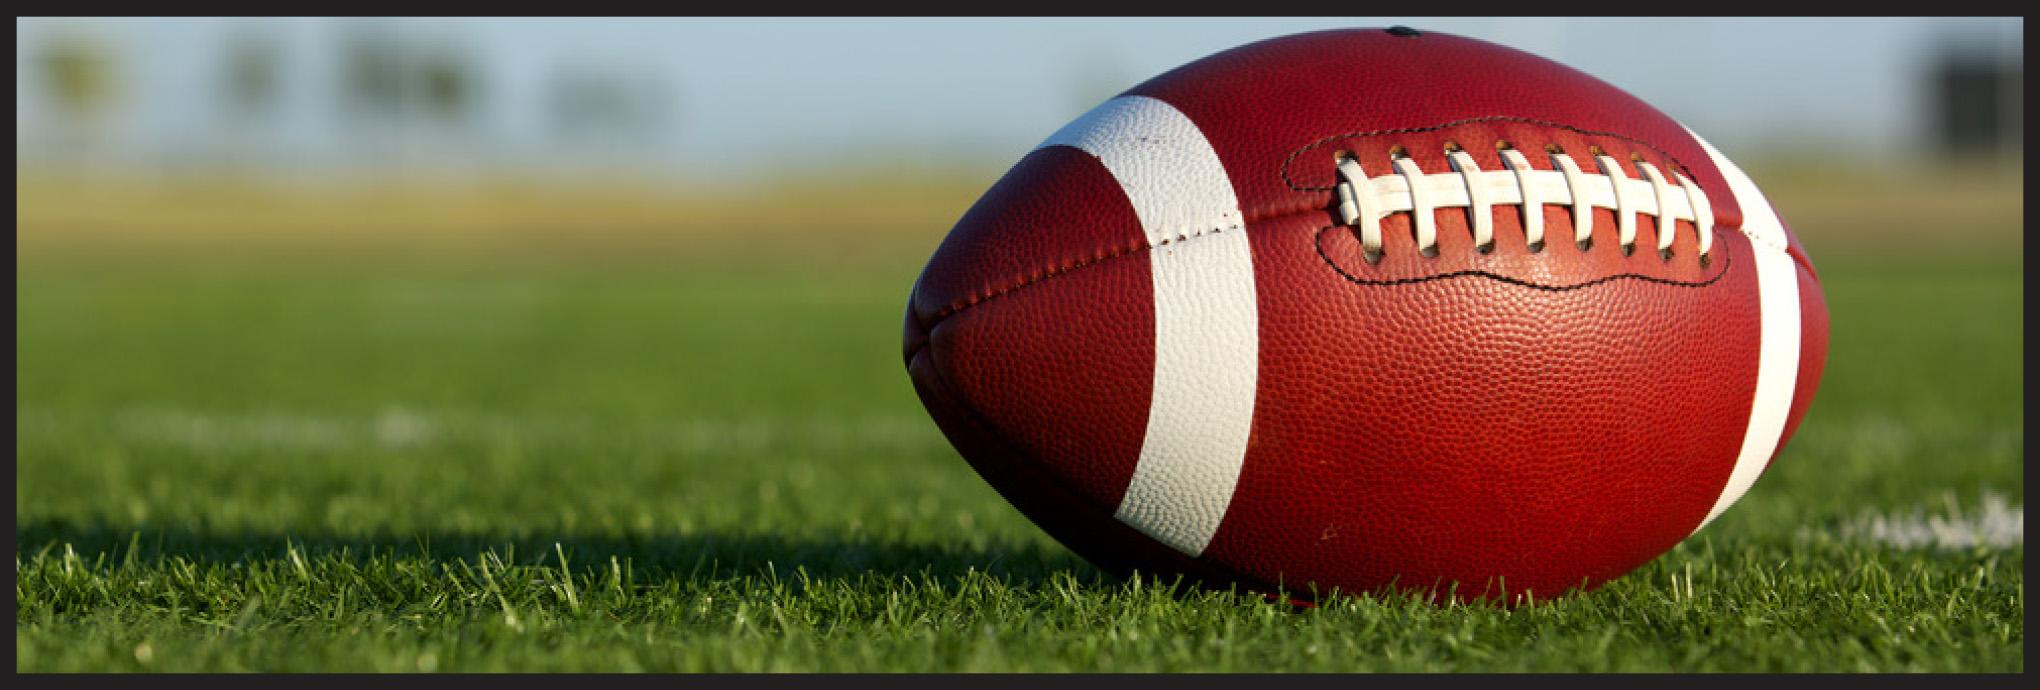 football-super-bowl-xlix